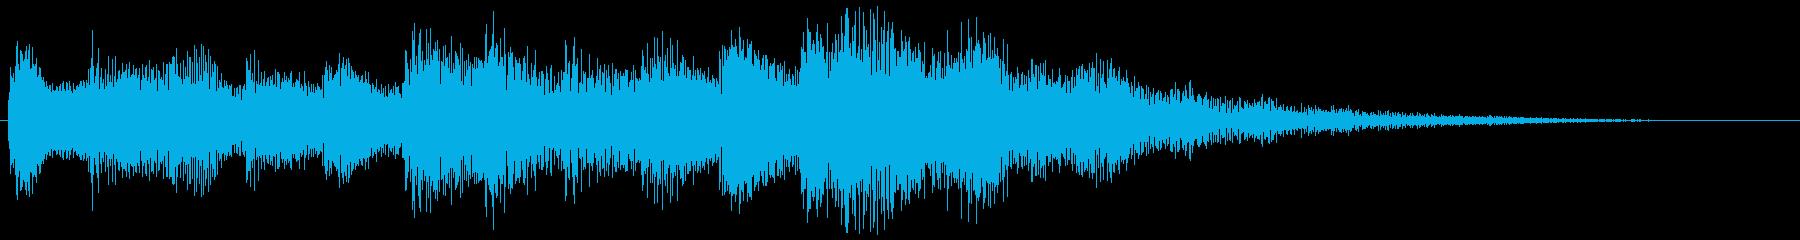 ハープとピアノの転回音 場面転換の再生済みの波形